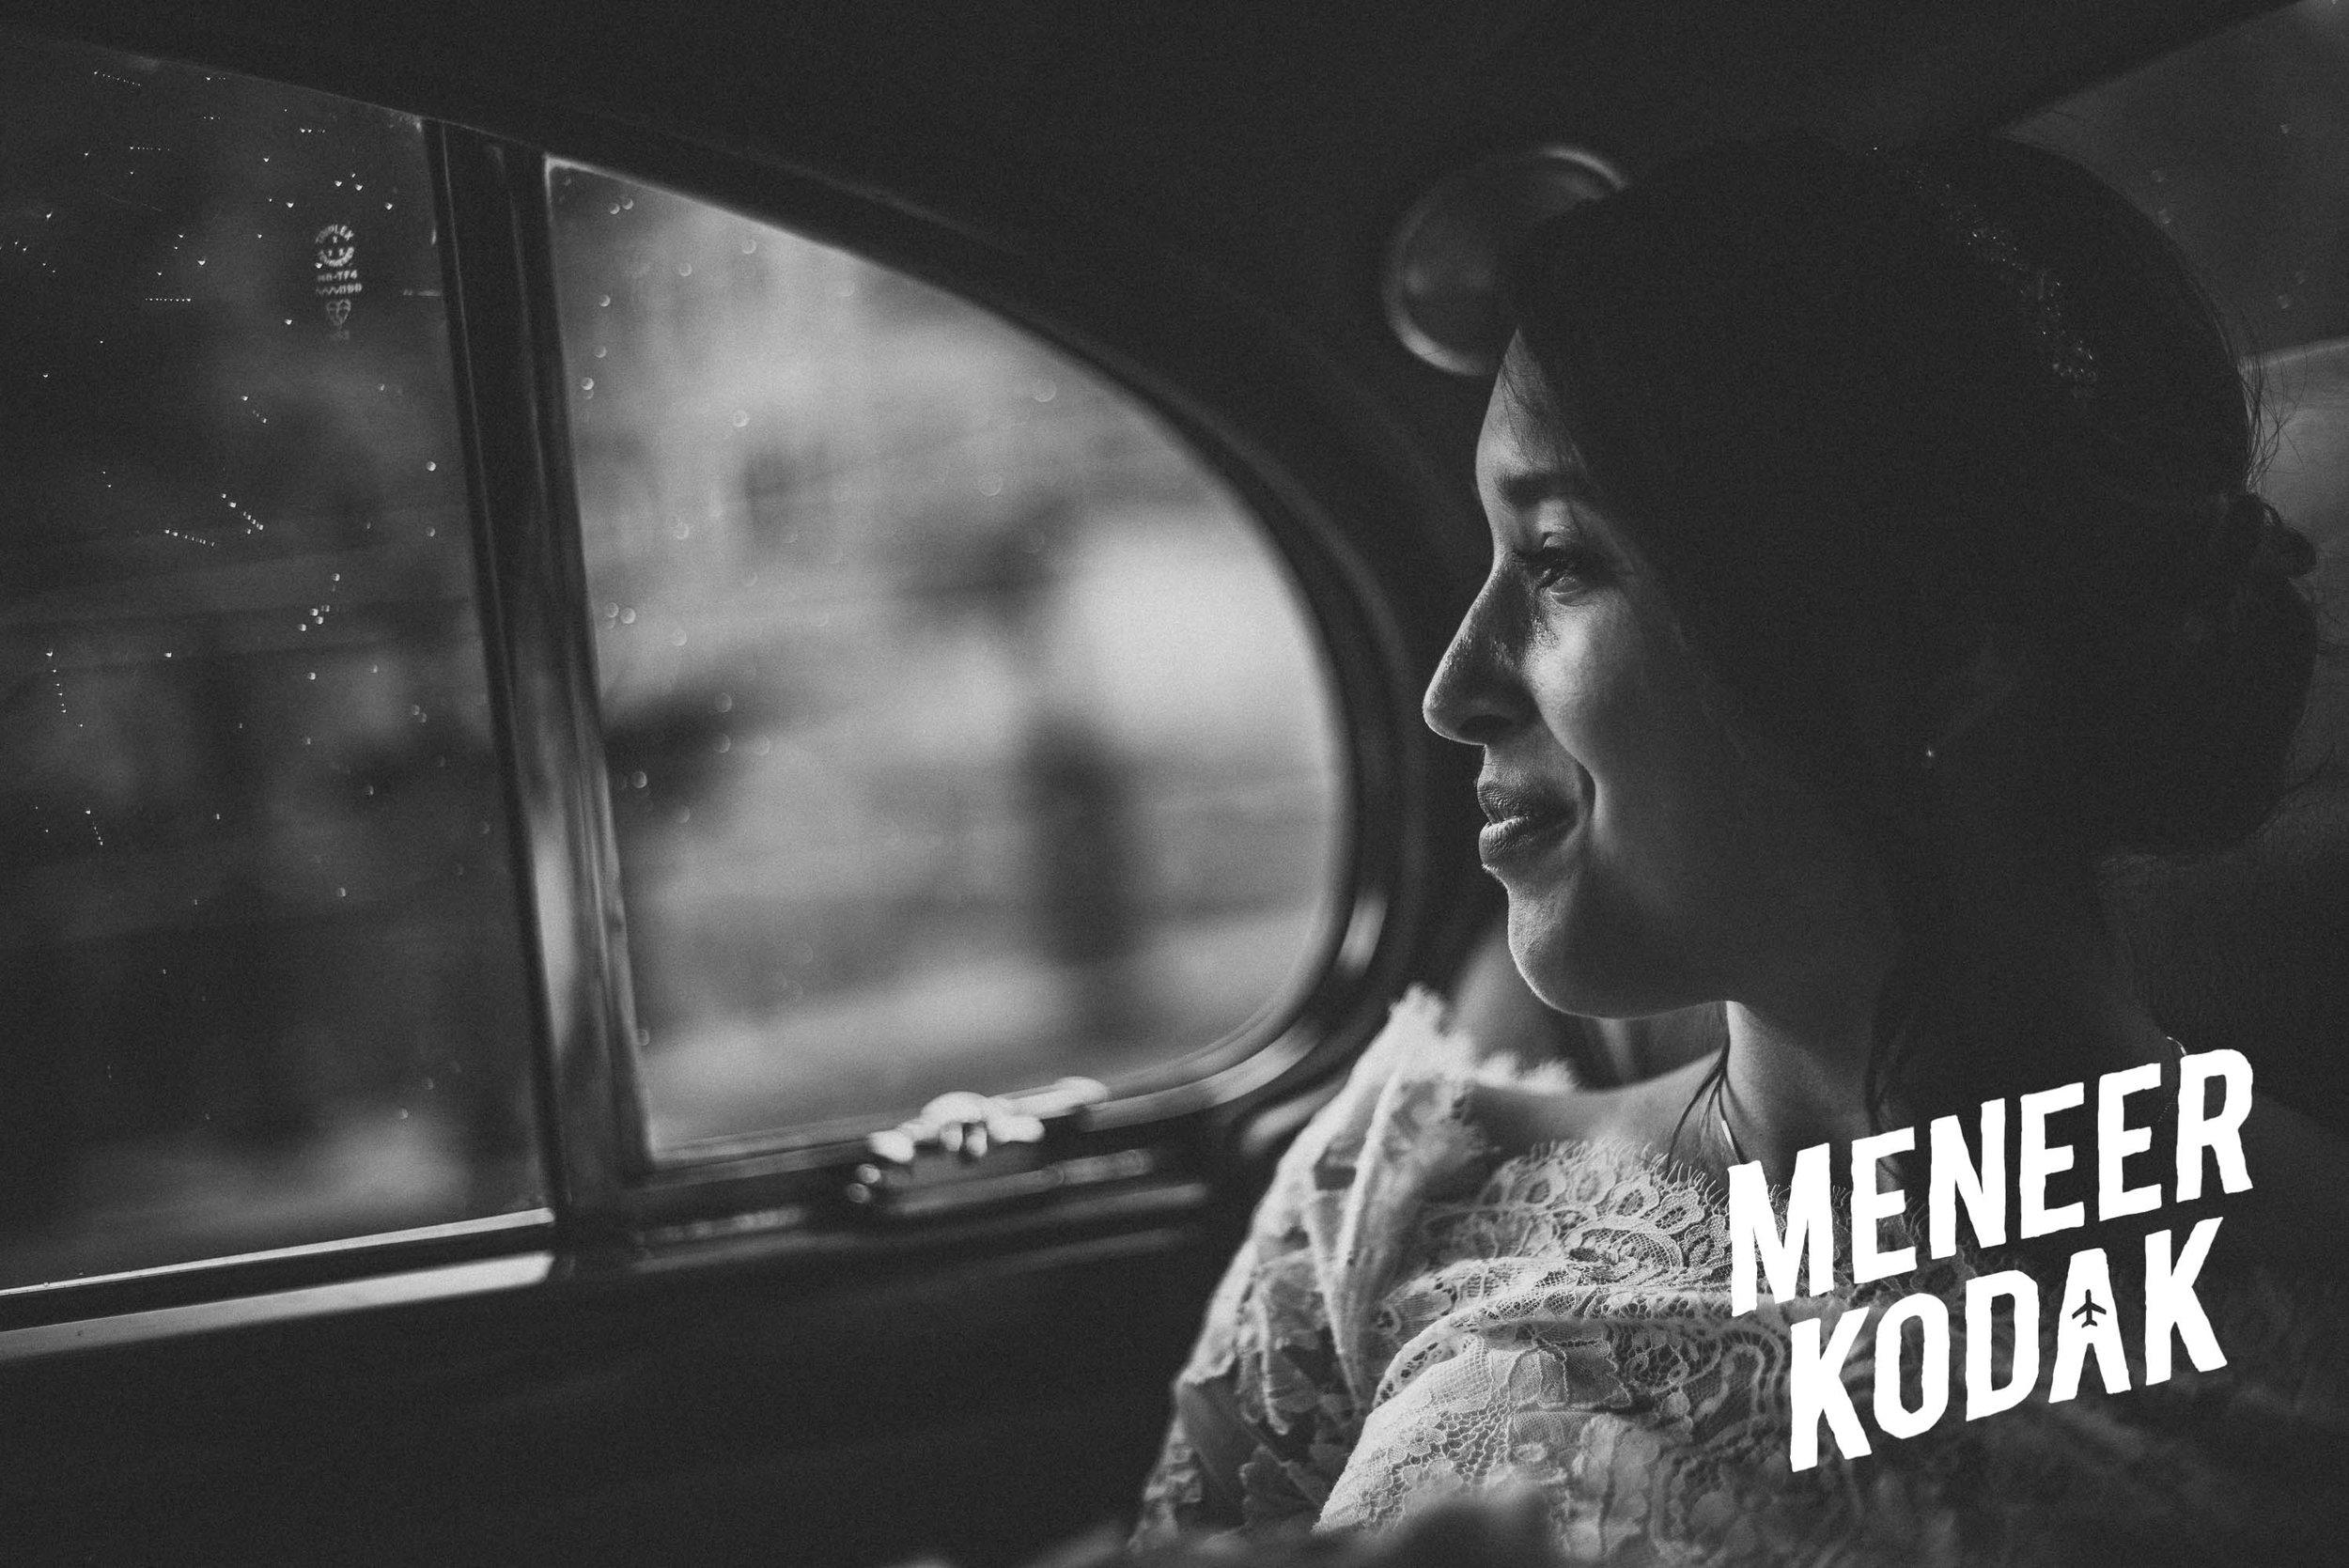 Meneer Kodak - Trouwfotograaf - Gent - D&T-051.jpg